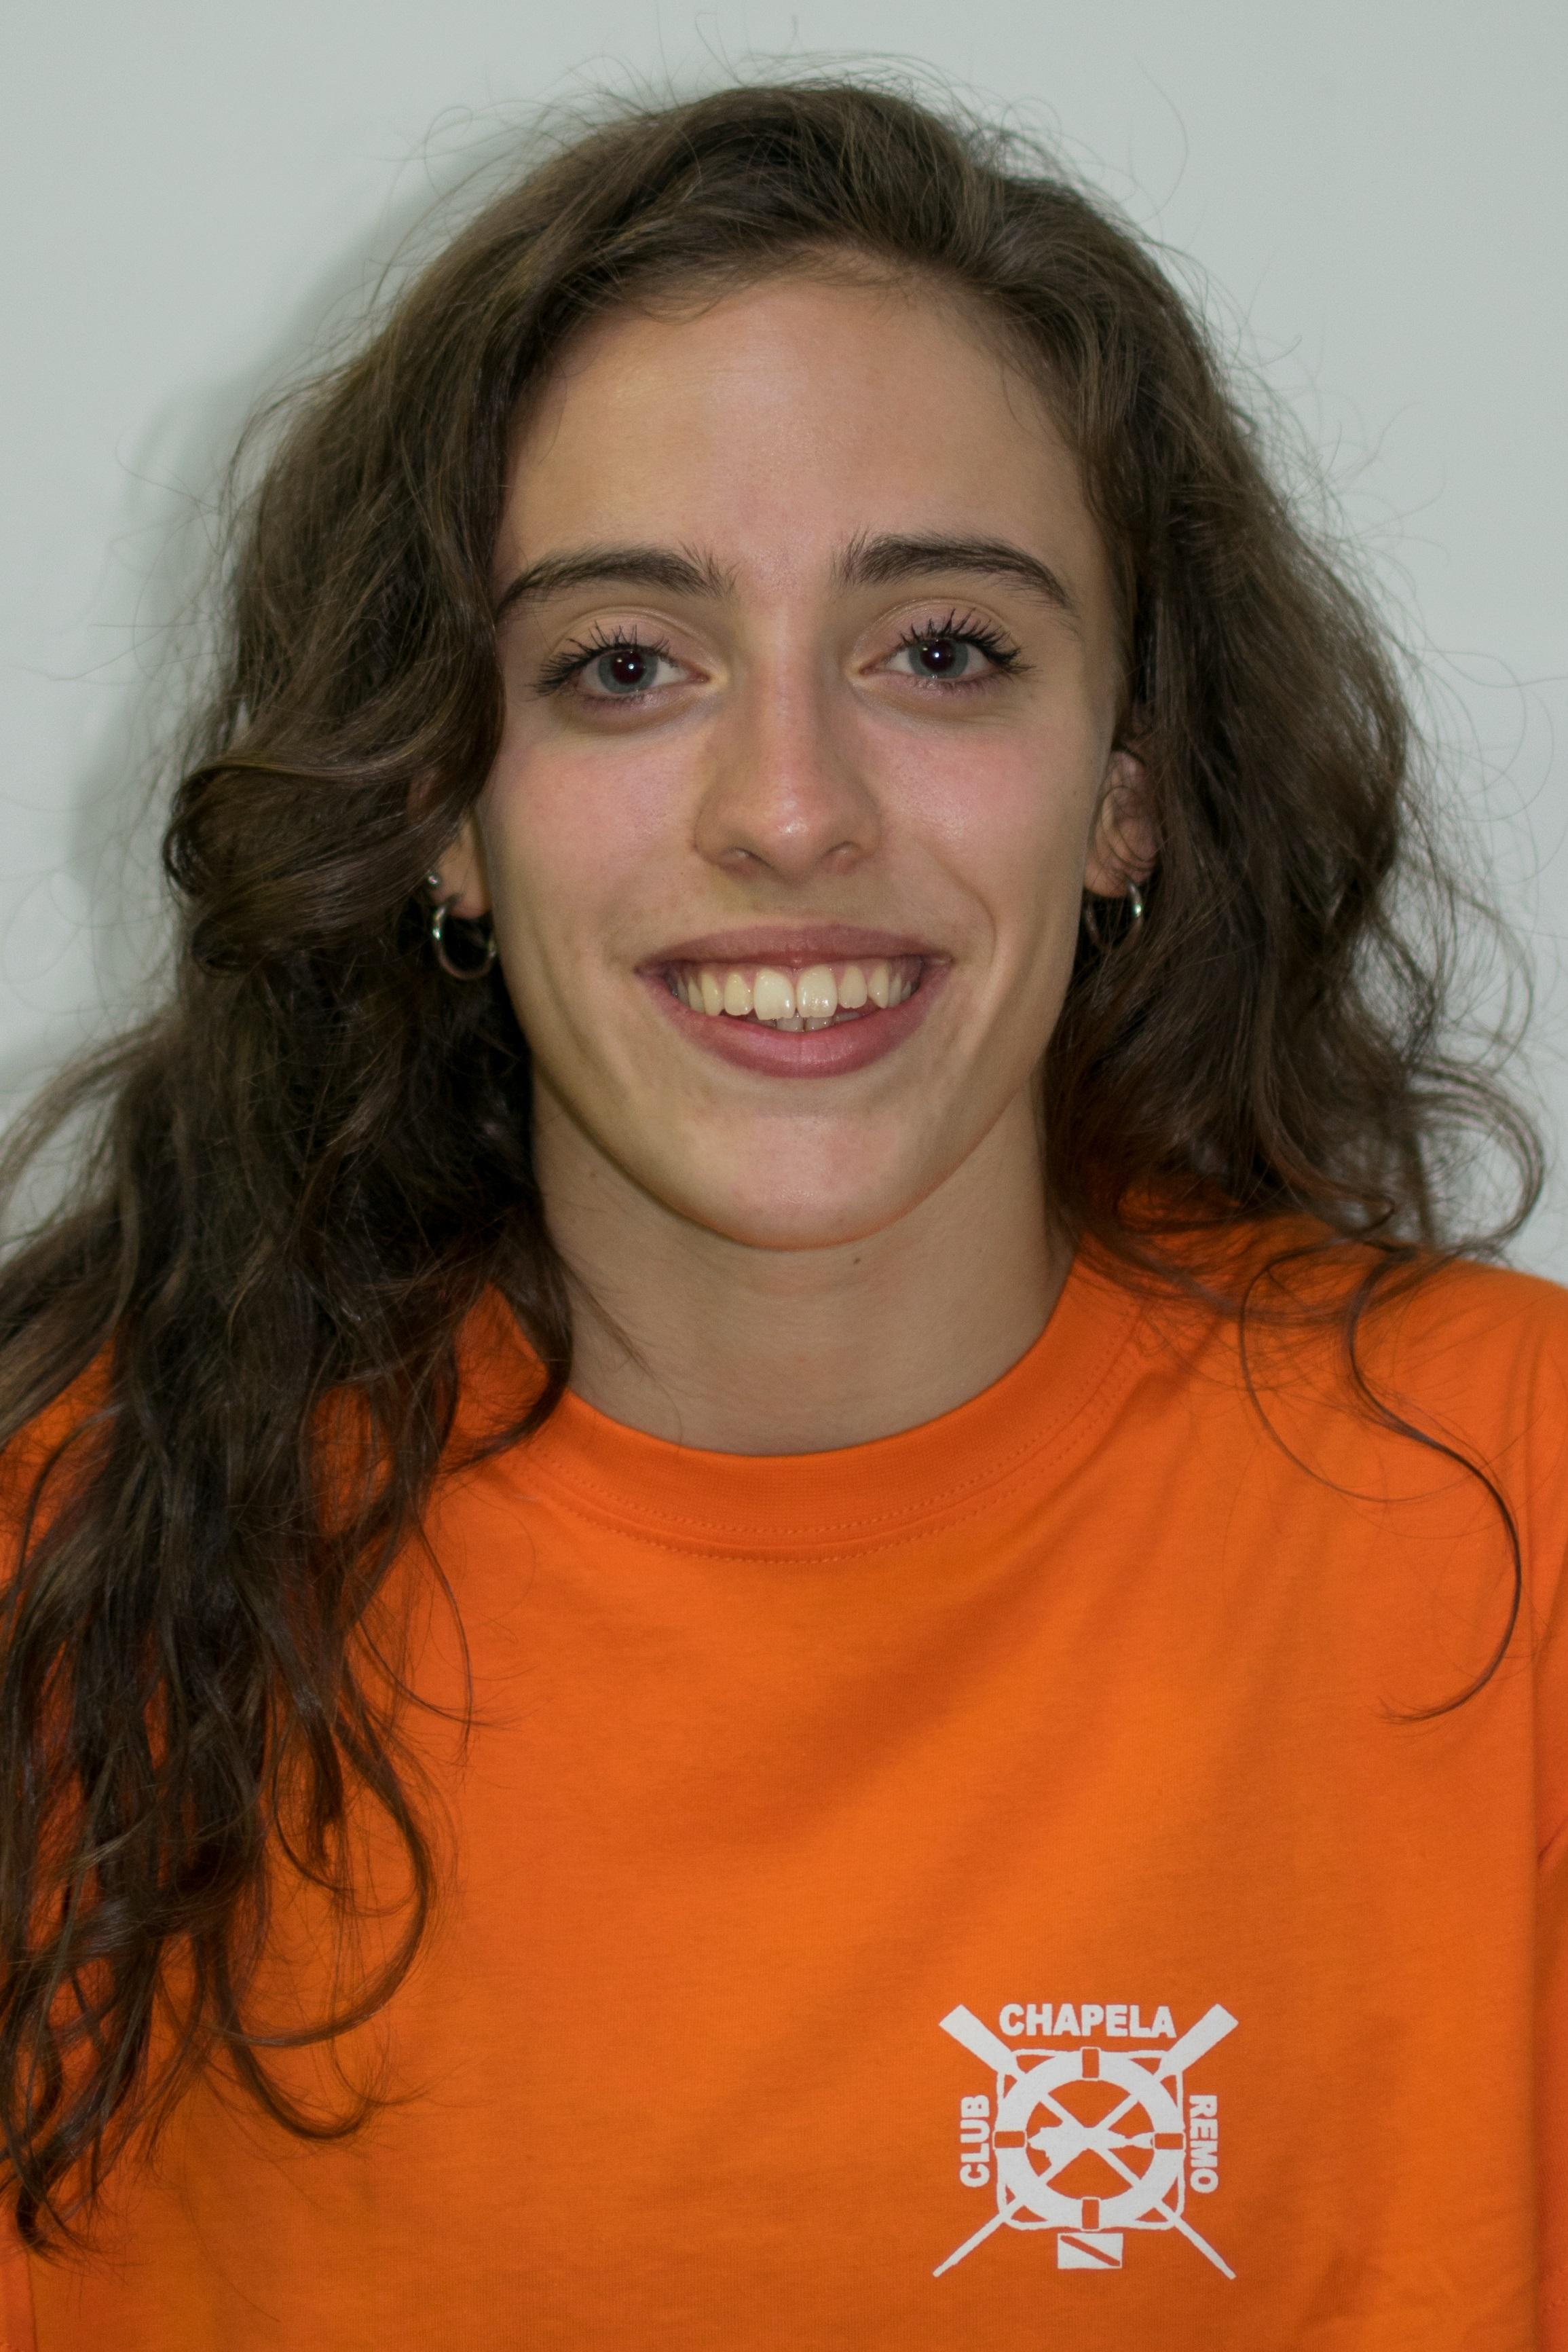 Maria E. Martínez - NON PROPIA